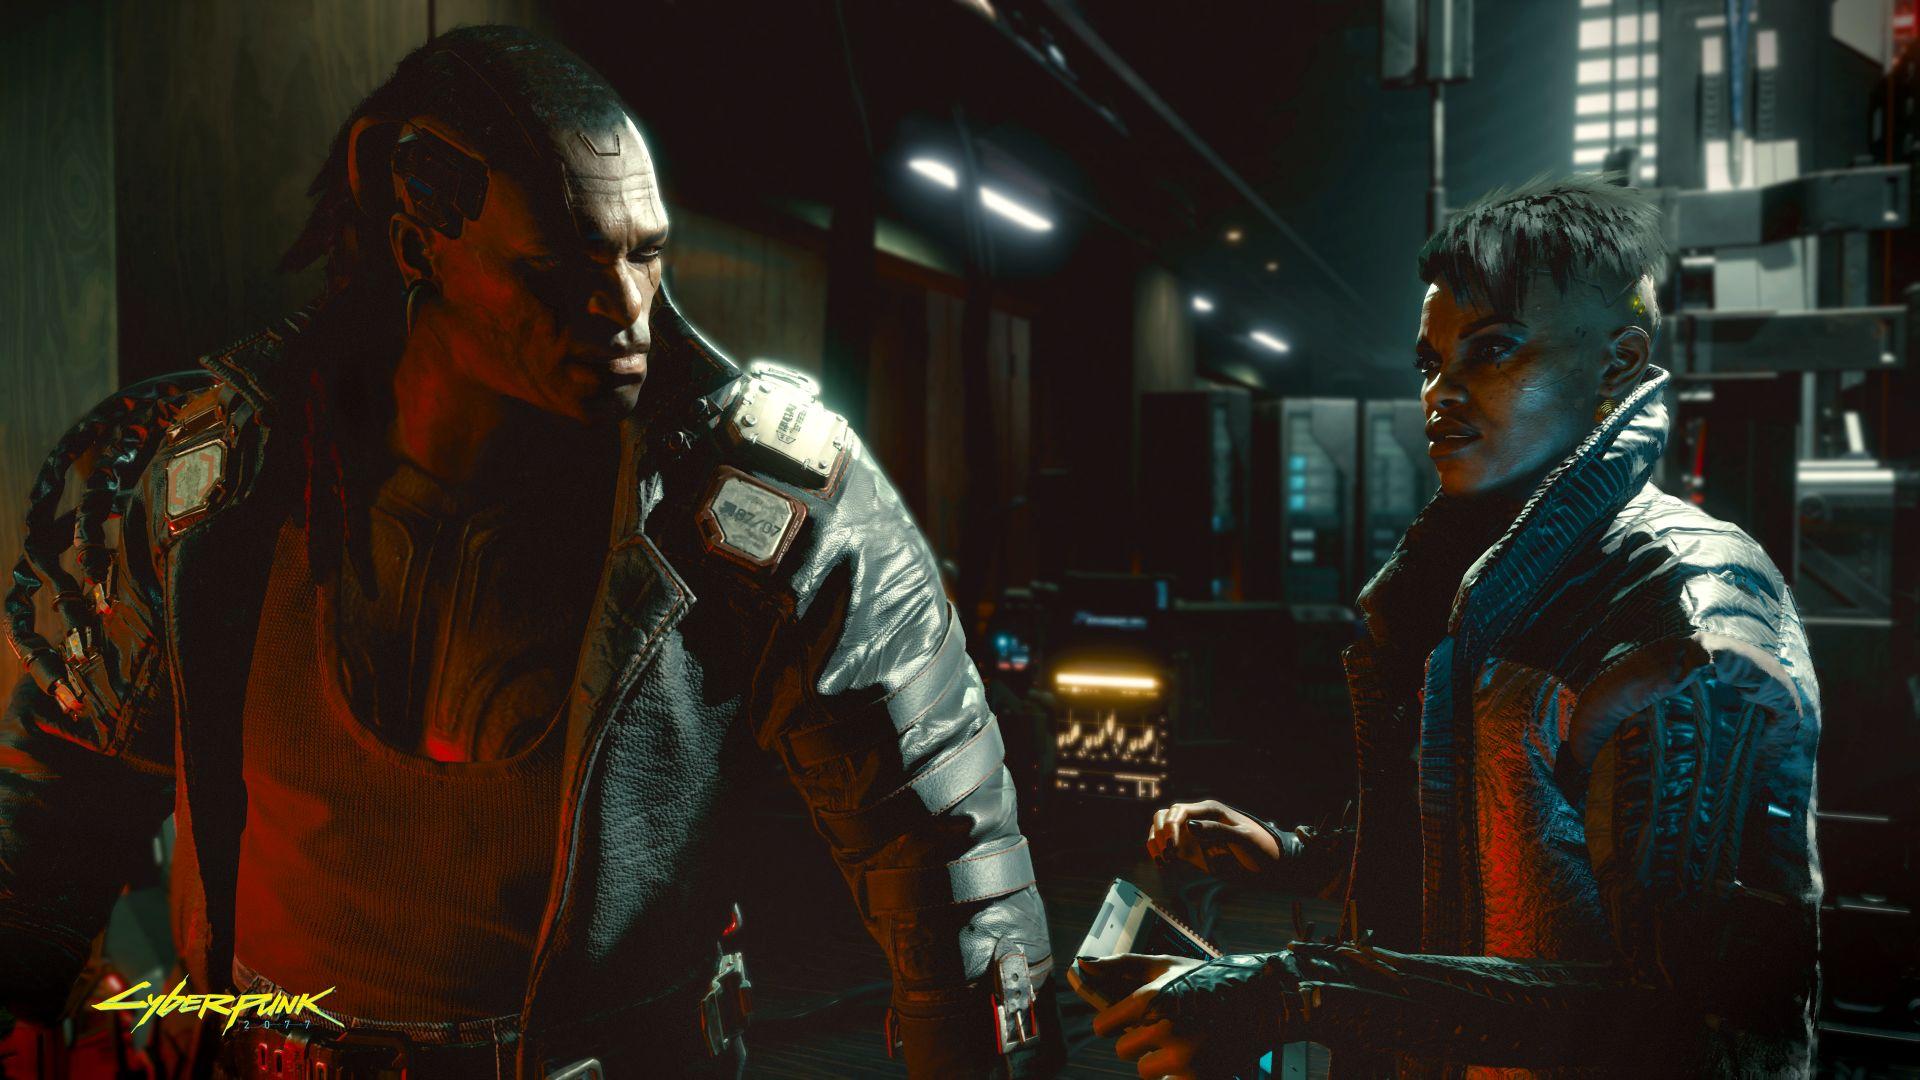 Cyberpunk2077-Looks_like_someone_got_in_trouble-RGB-en.jpg